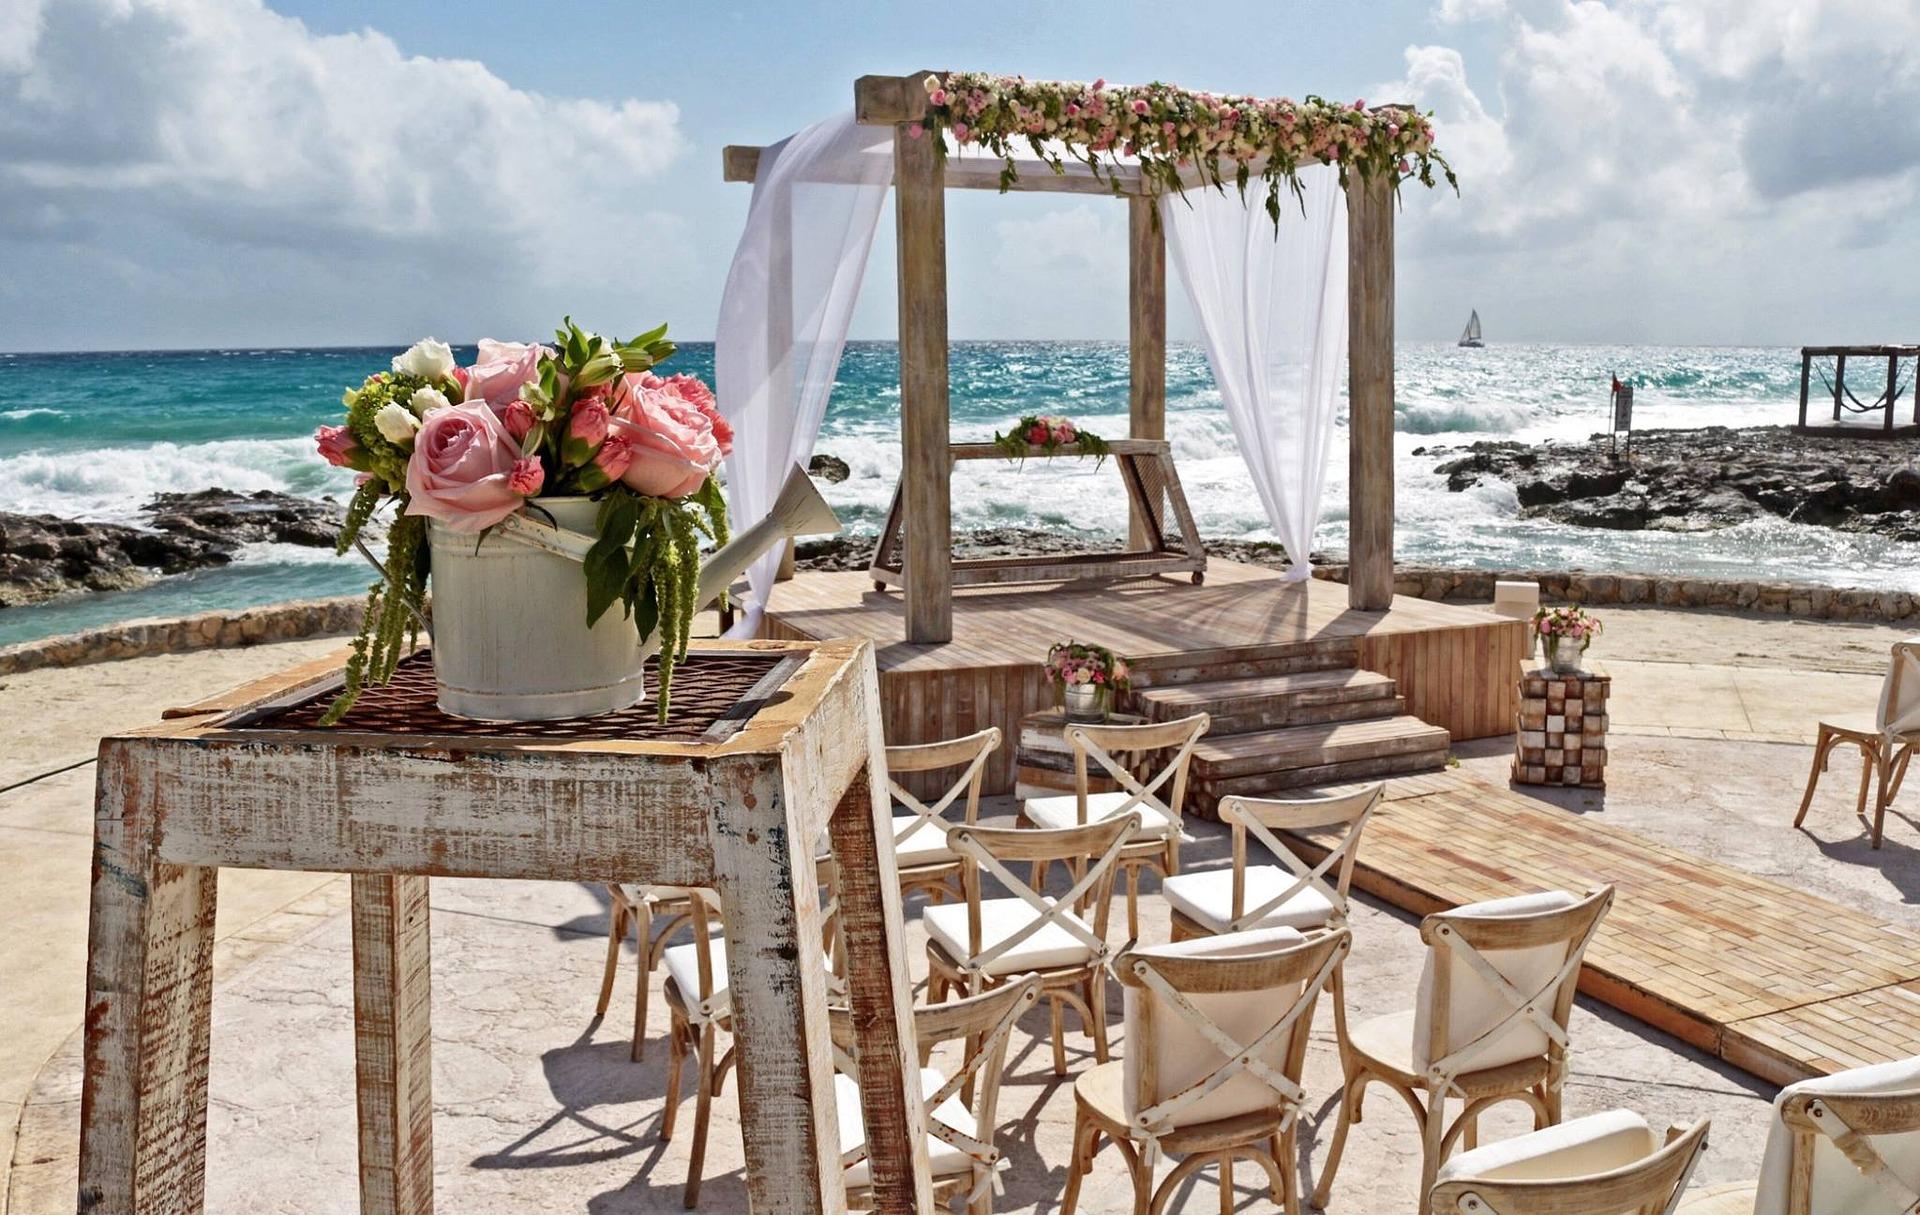 Boda en playa, un atardecer romántico